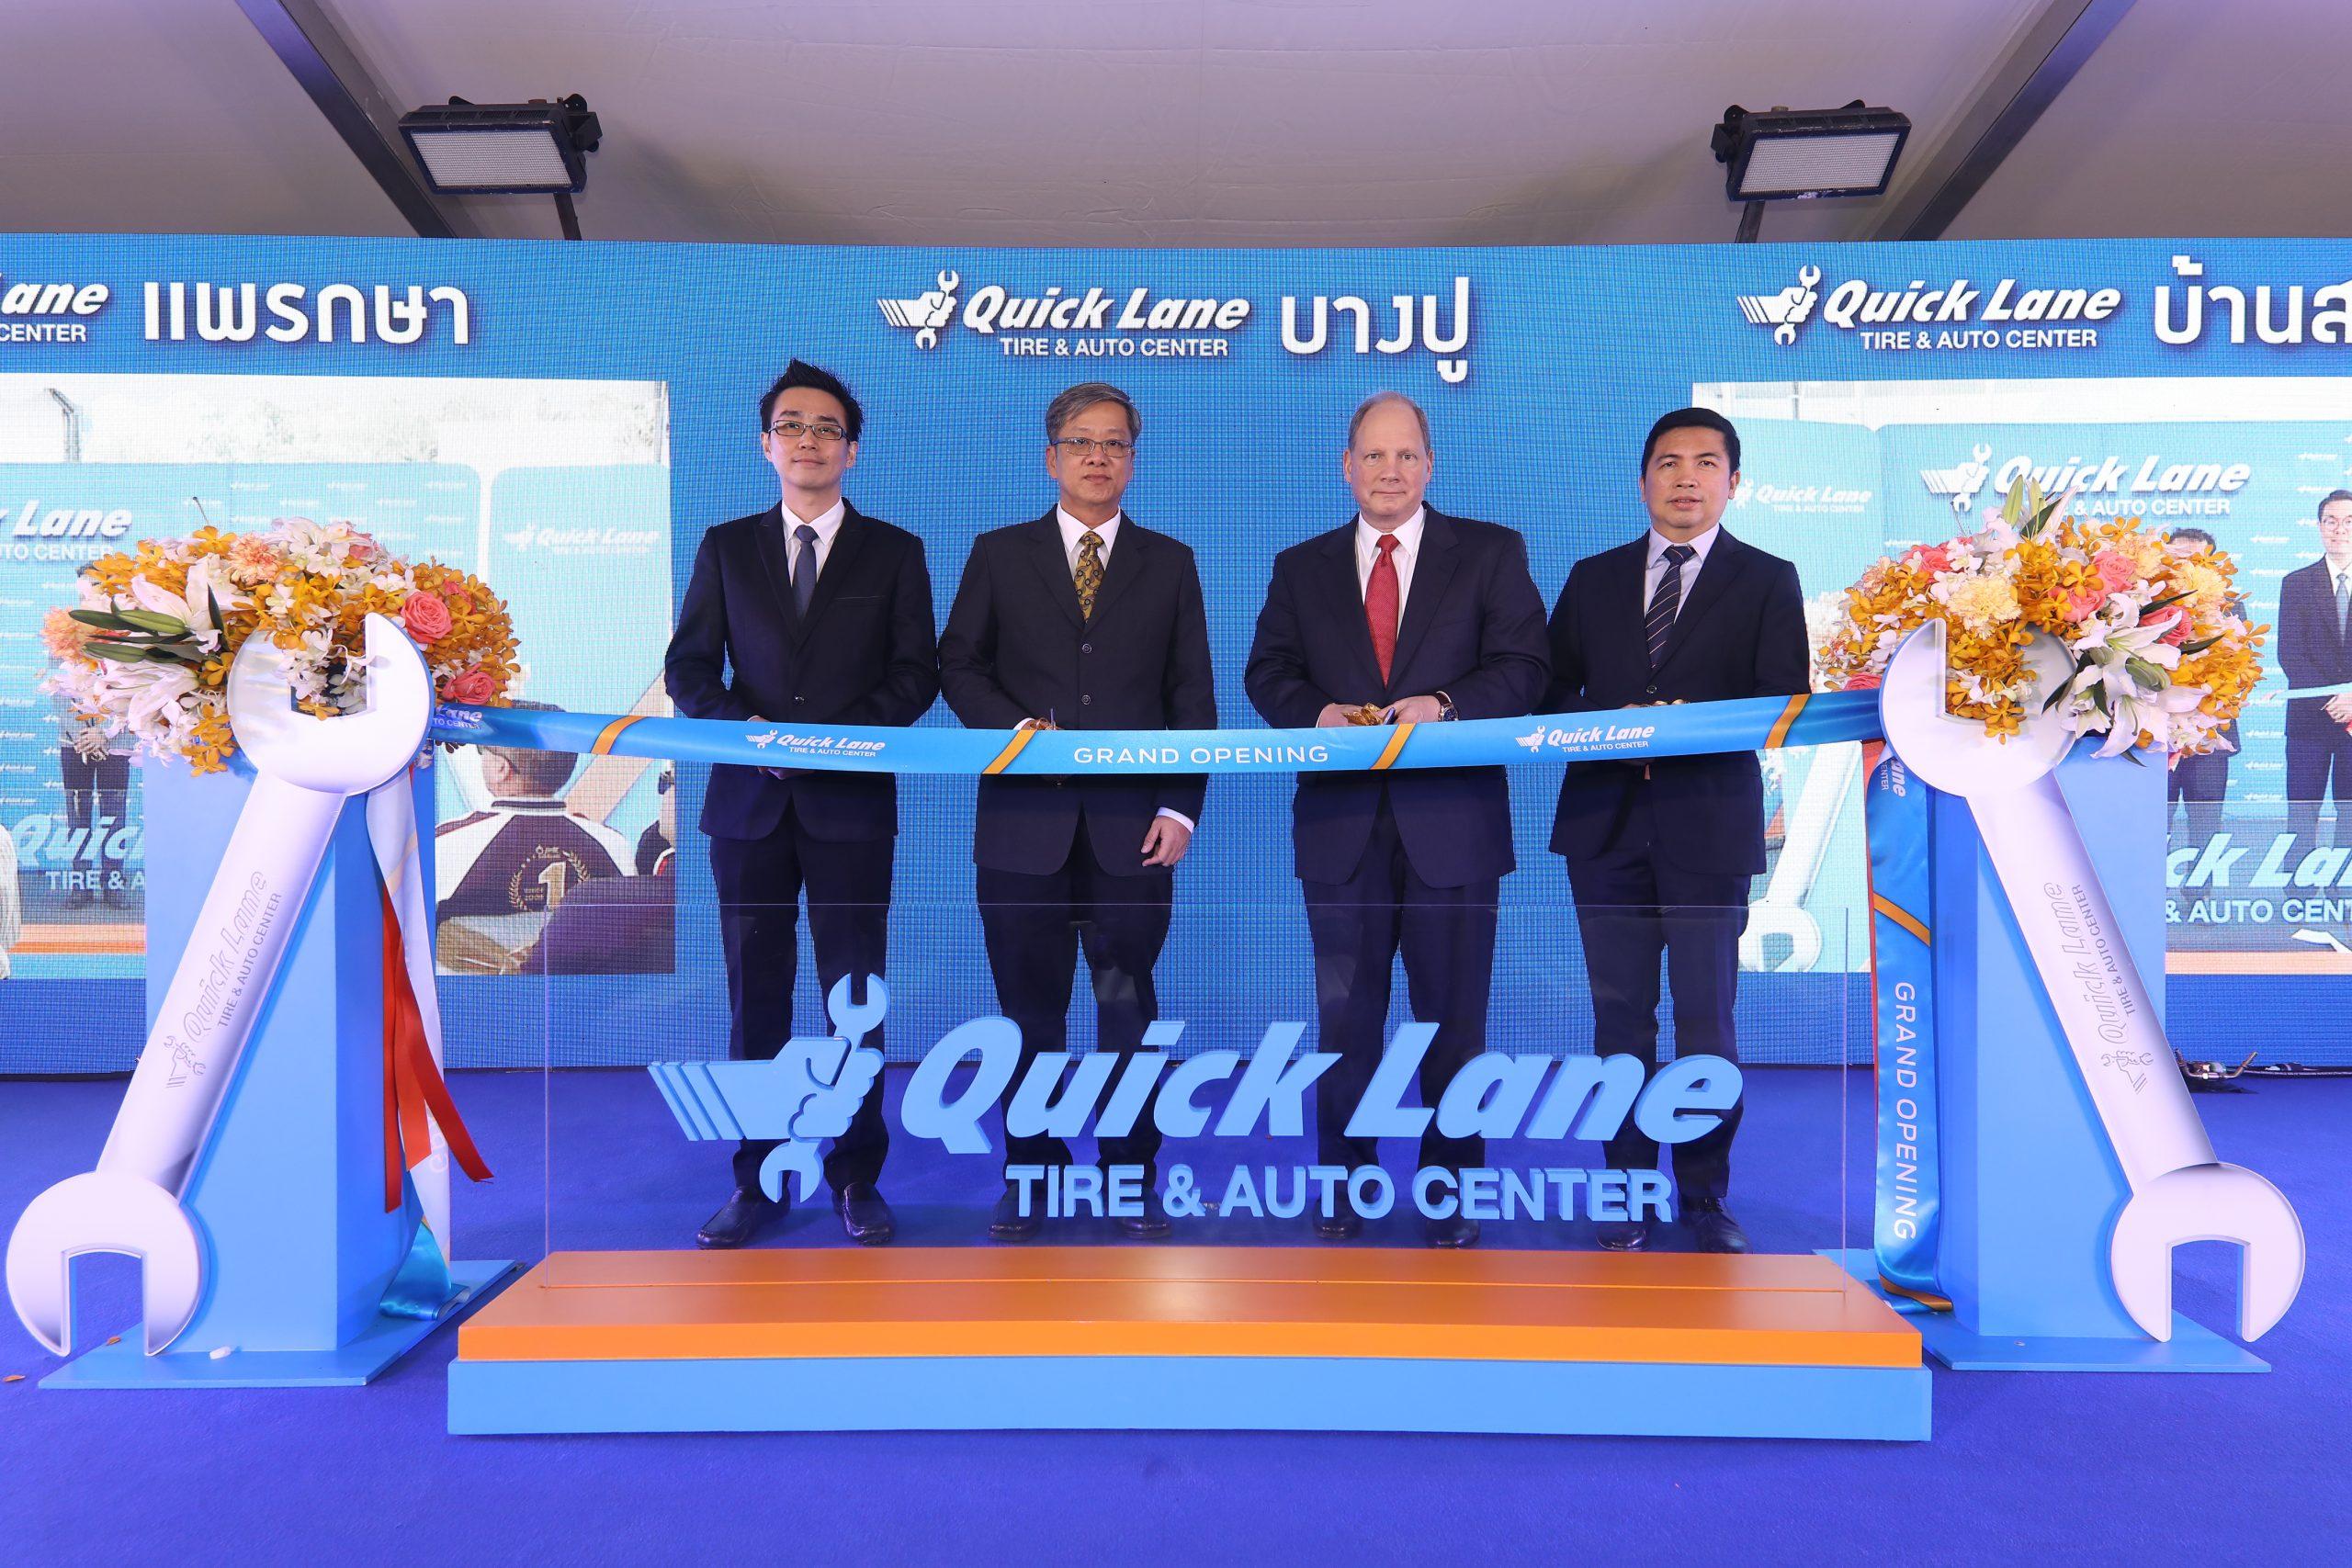 """ข่าวรถวันนี้ : """"ควิกเลน"""" ฉลองครบรอบ 1 ปีในไทย พร้อมเปิด 4 สาขาใหม่"""